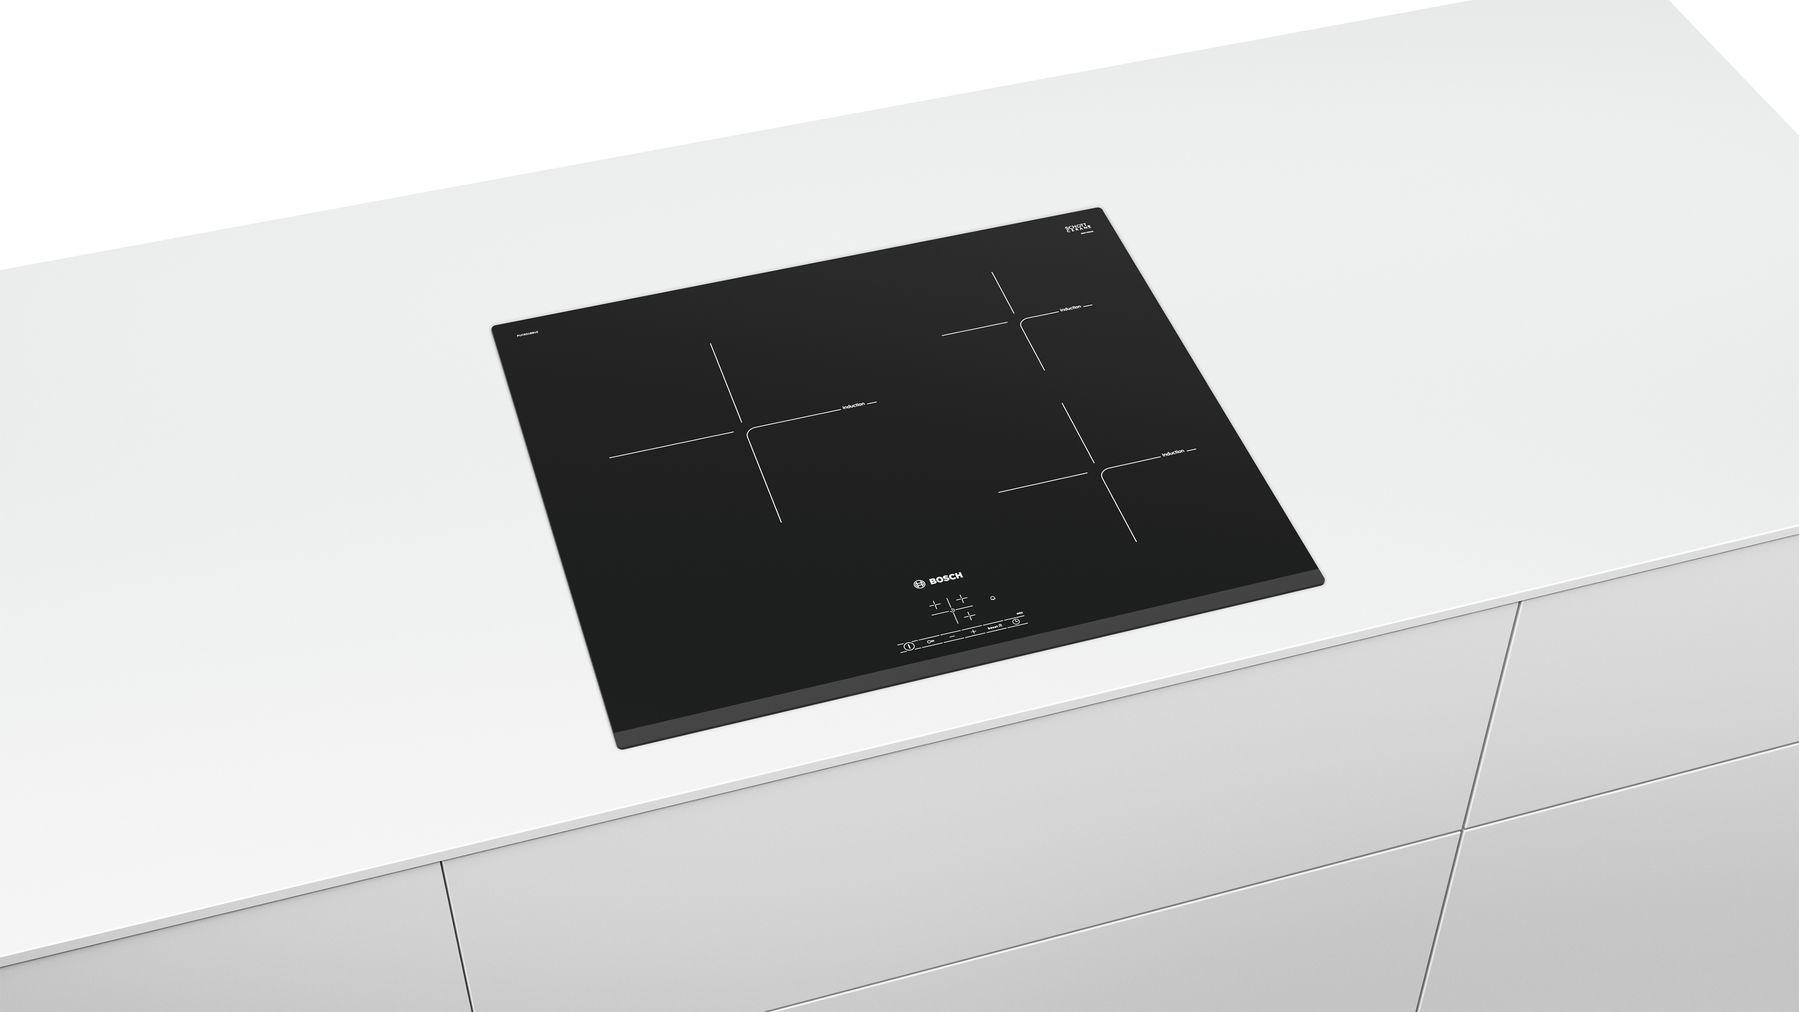 Независимая индукционная варочная панель Bosch PUC631BB1E